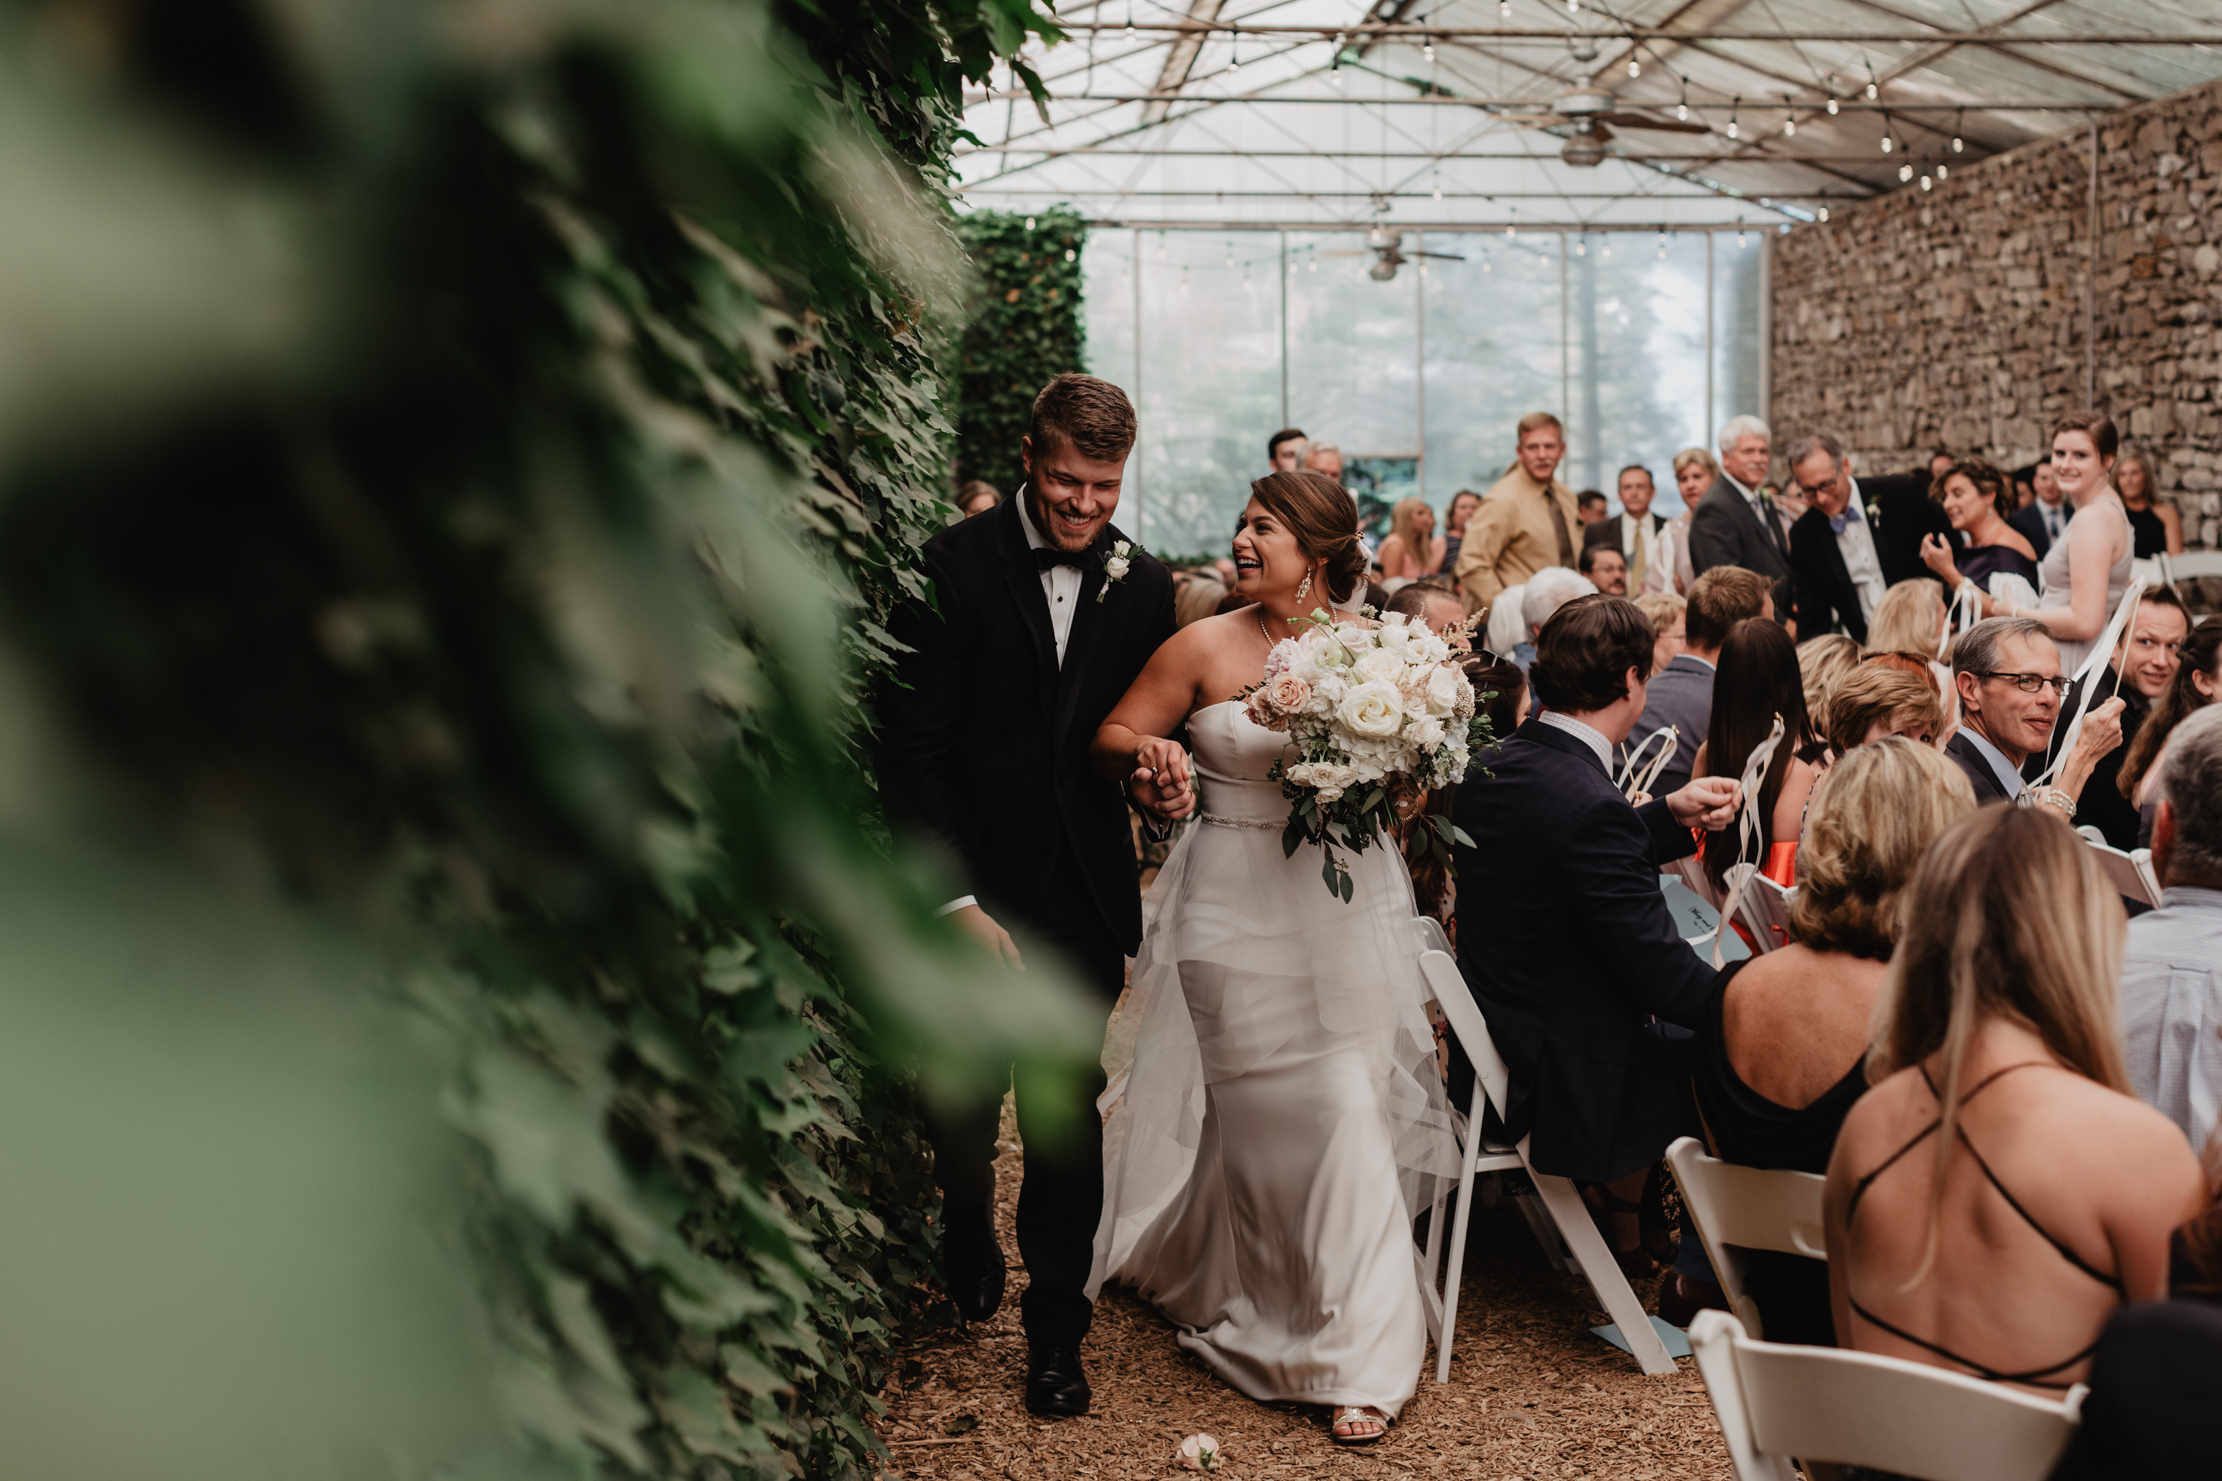 Knoxville Botanical Garden Wedding | Knoxville Wedding Photograp